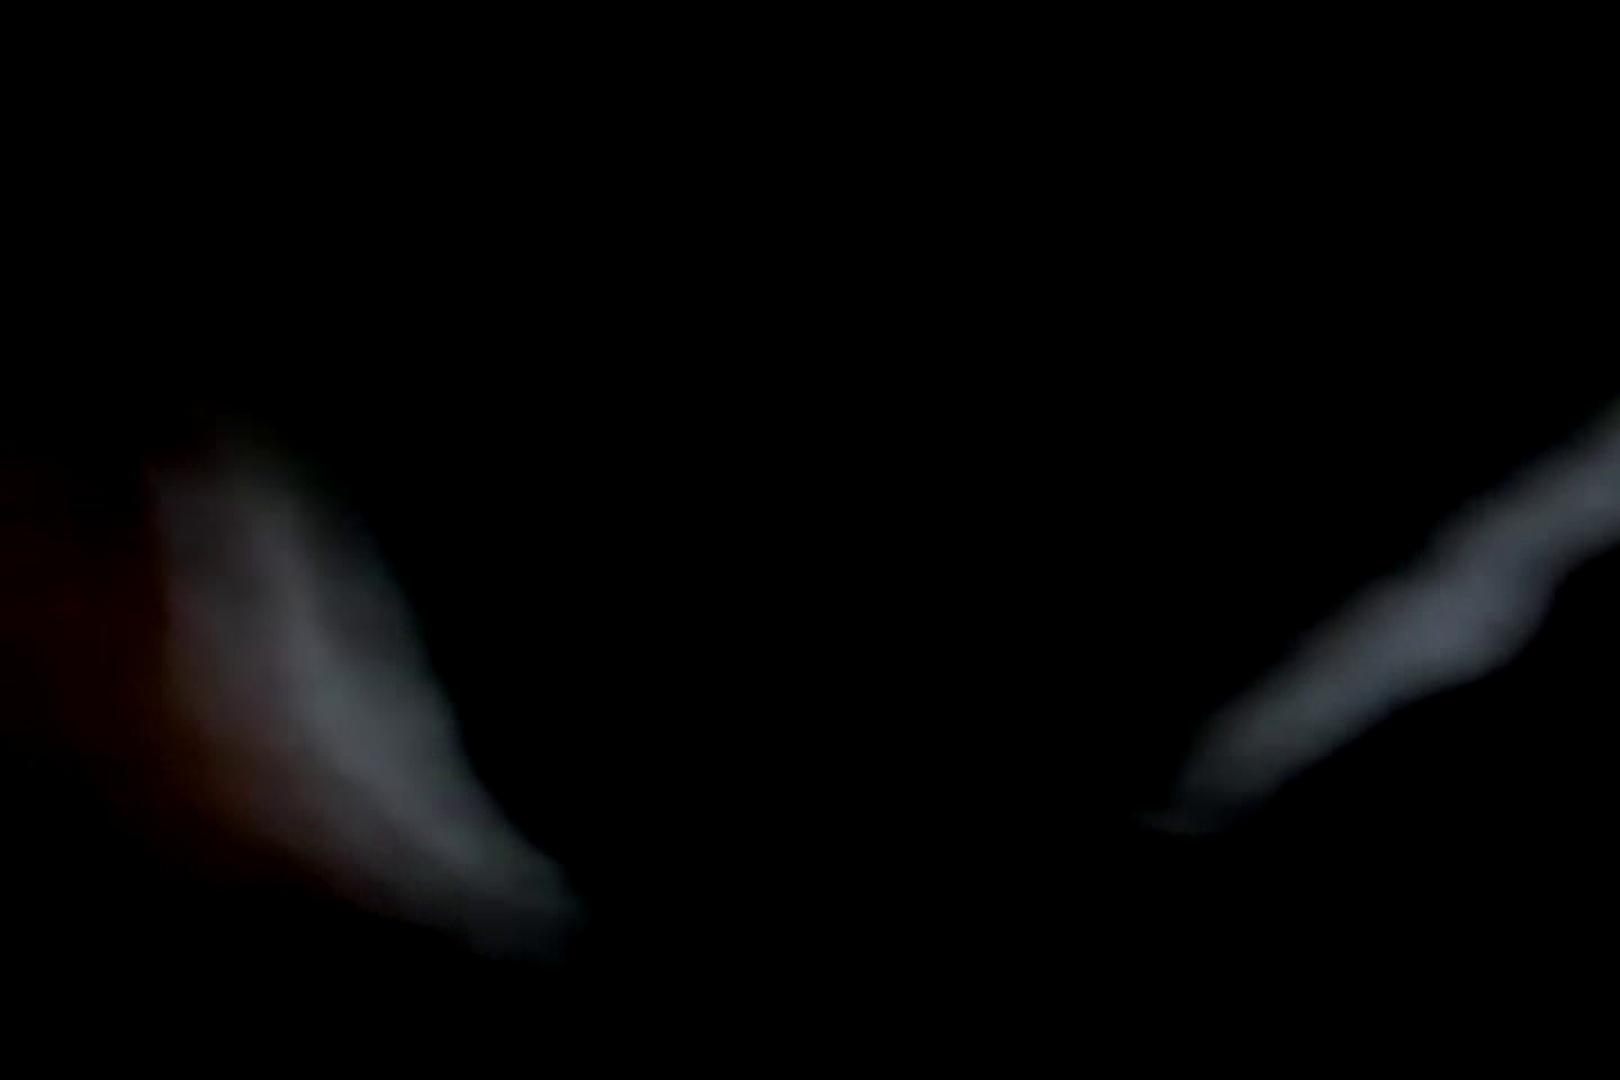 ウイルス流出 レオ&マンコのアルバム 無修正マンコ オメコ無修正動画無料 62連発 56